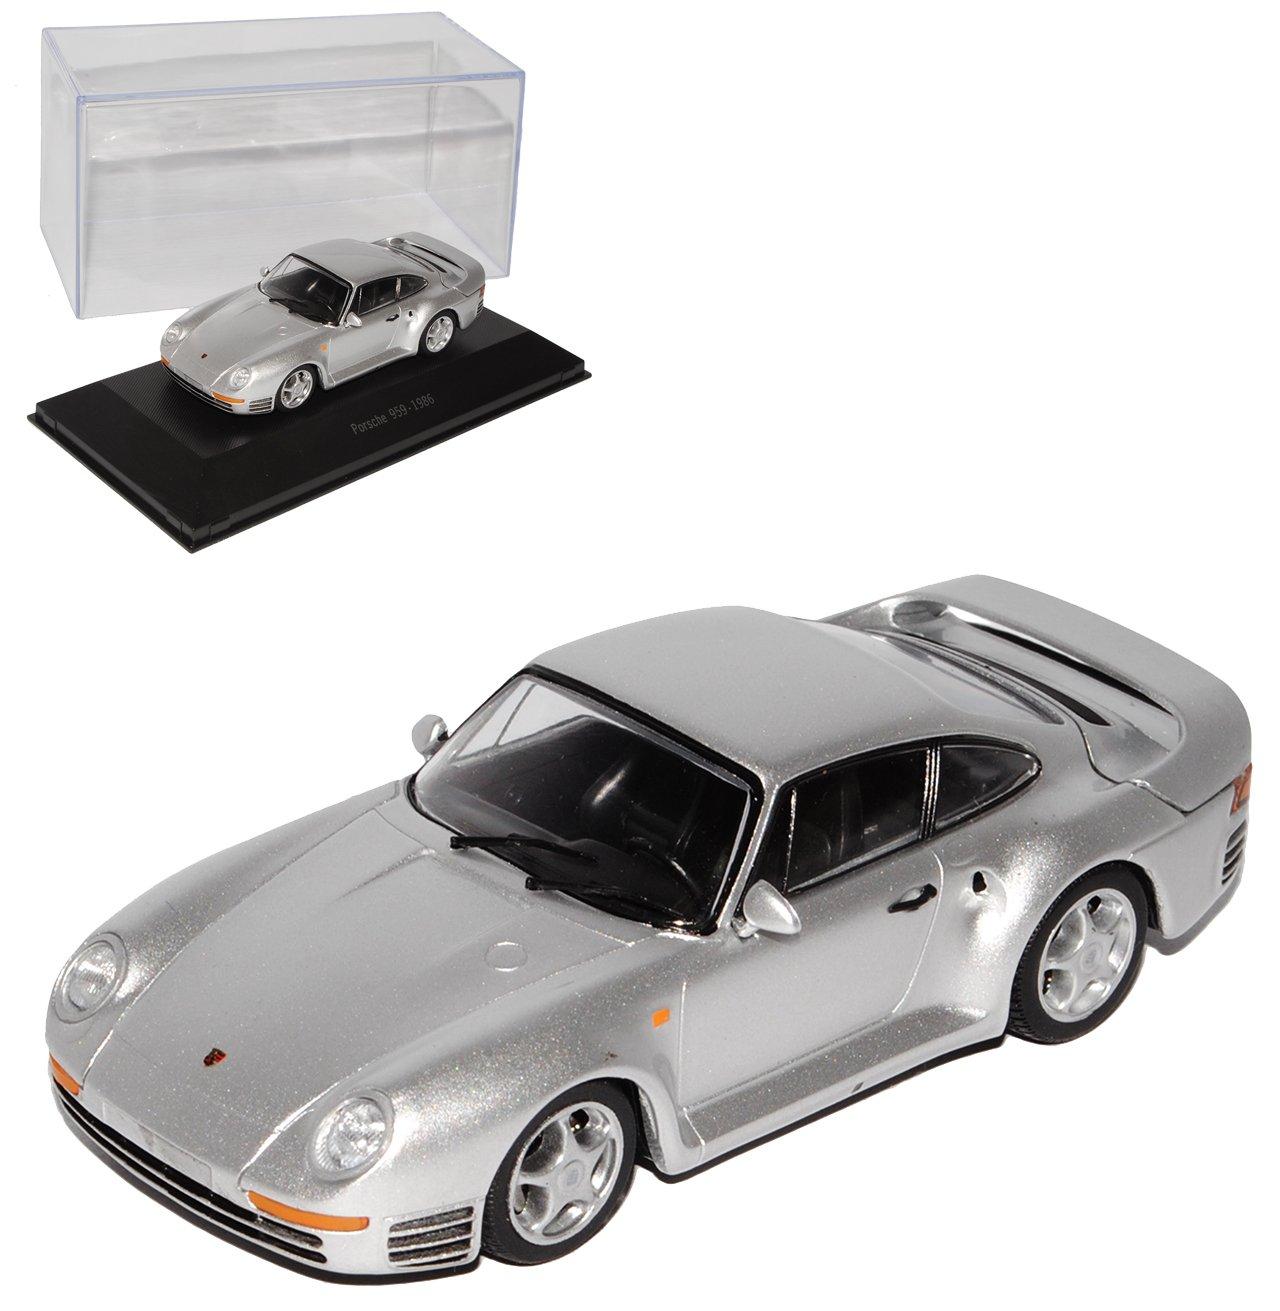 Atlas Porsche 959 Coupe Silber 1986-1988 1/43 Modell Auto